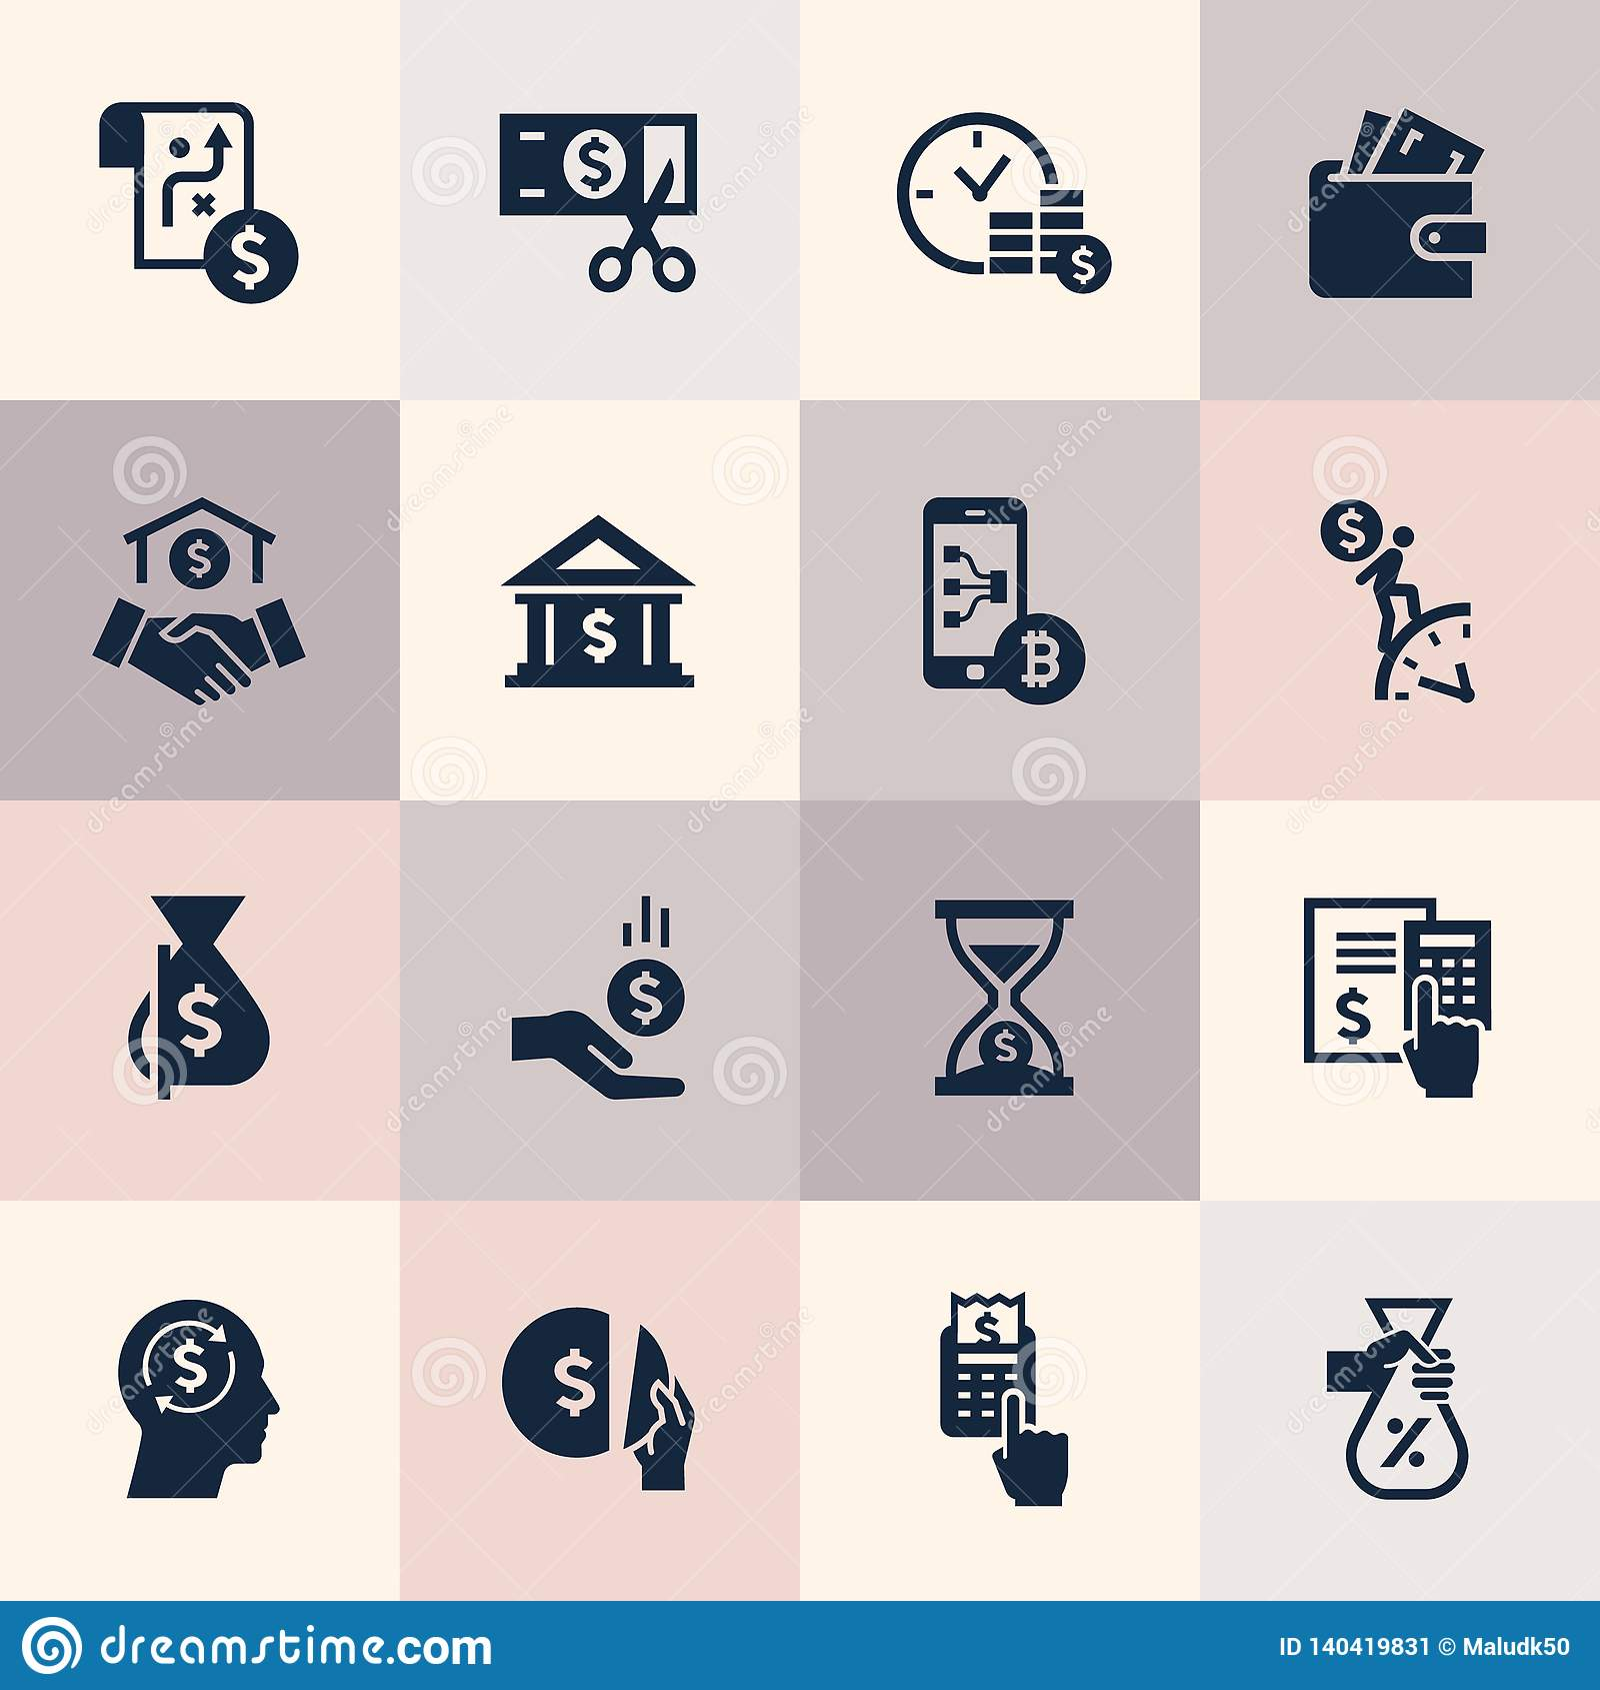 Placez des icônes plates de concept de construction pour des finances, des opérations bancaires, des affaires, le paiement, et de